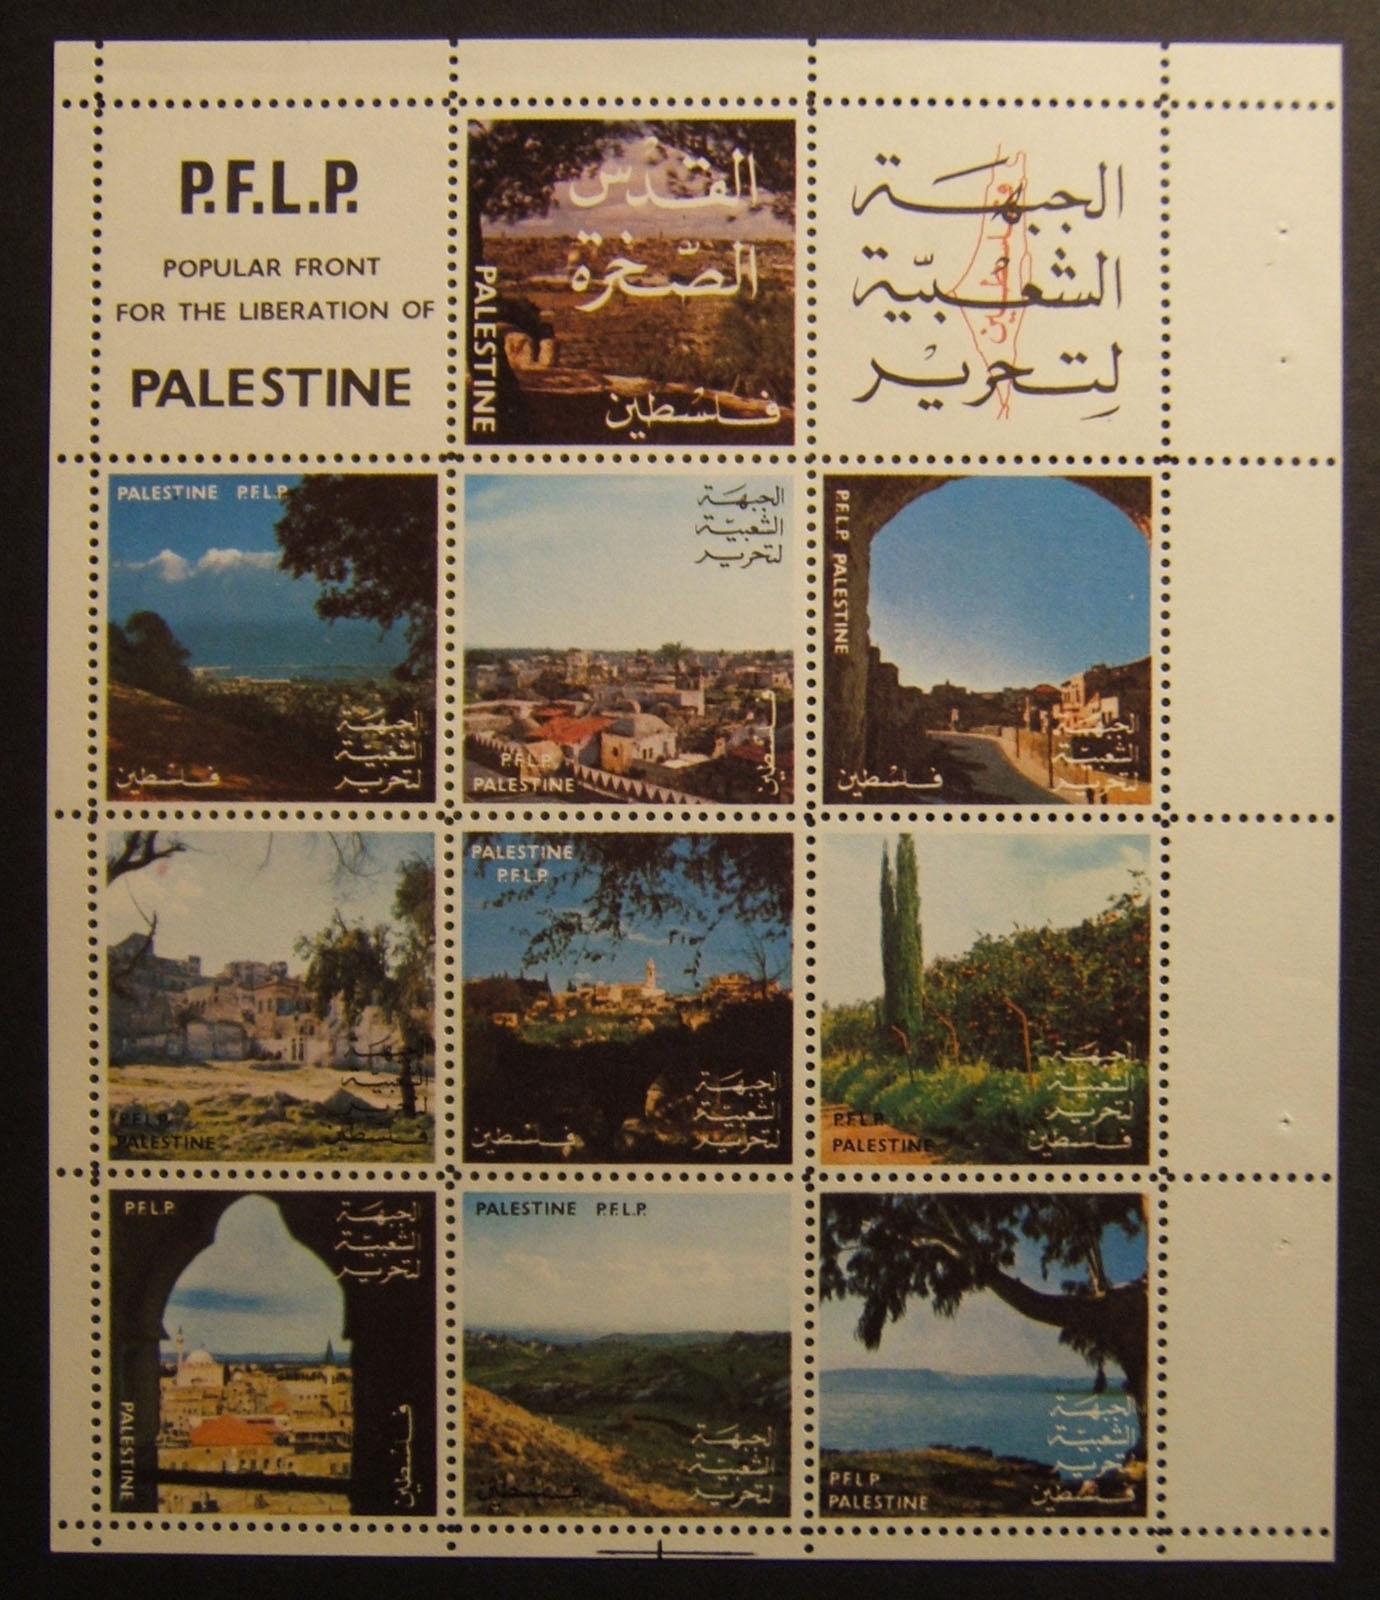 Jordan(?) - stamp sheet of Dr. George Habash's